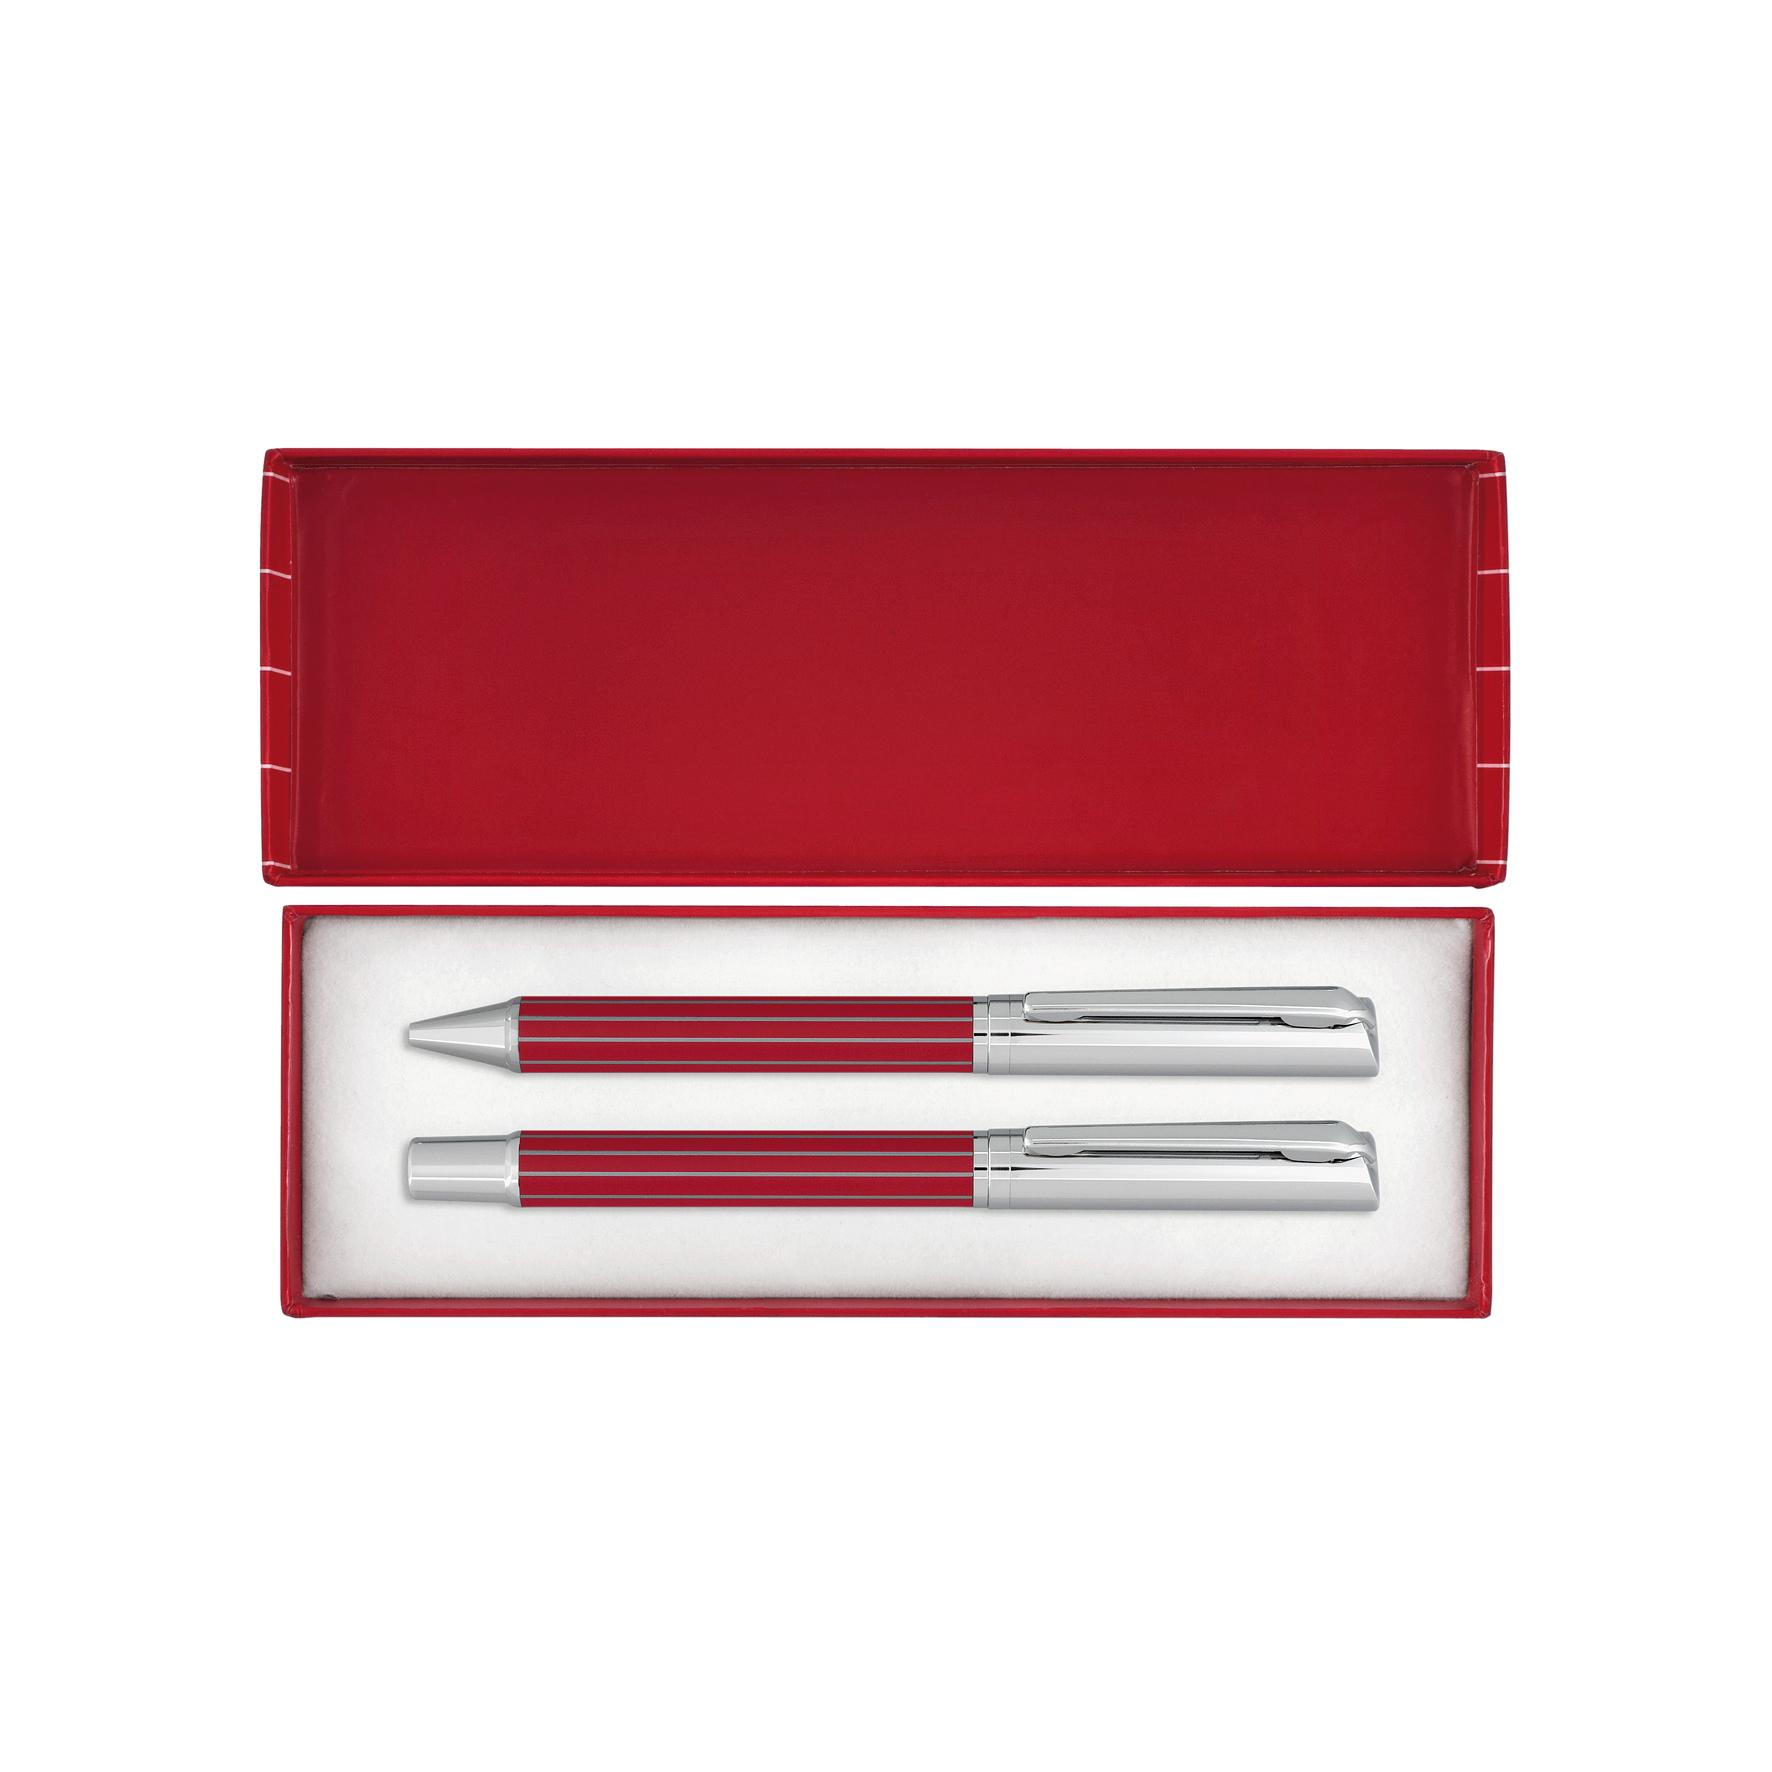 Zestaw do pisania ADORNO, czerwony, srebrny